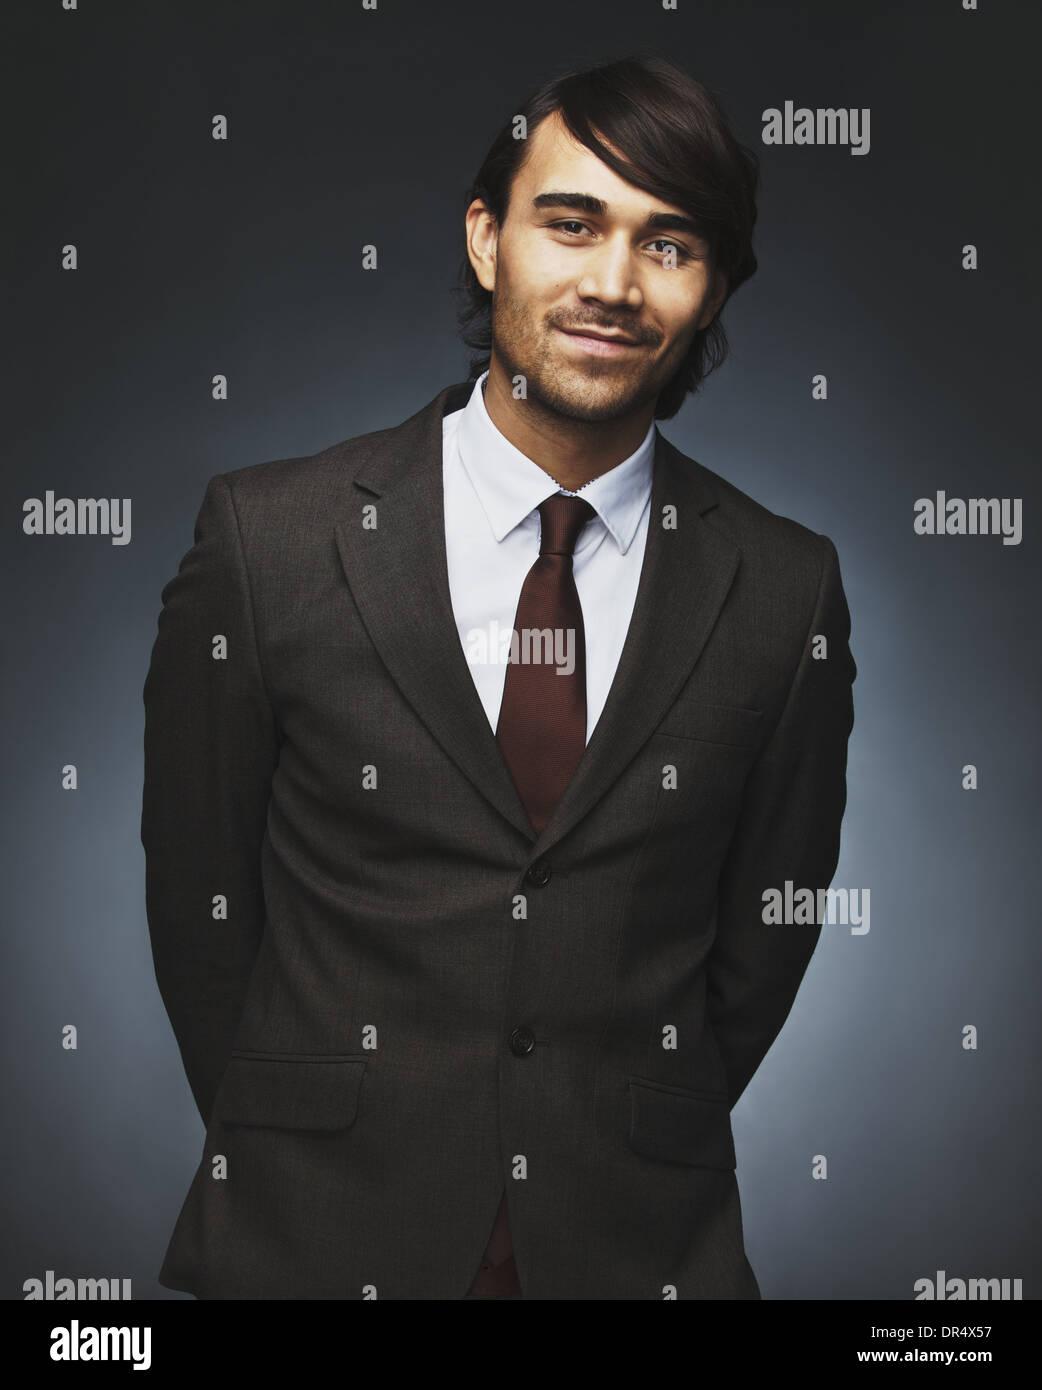 Retrato del joven empresario encantador mirando a la cámara sonriendo. Bien vestidos modelo masculino asiático posando contra fondo negro Imagen De Stock